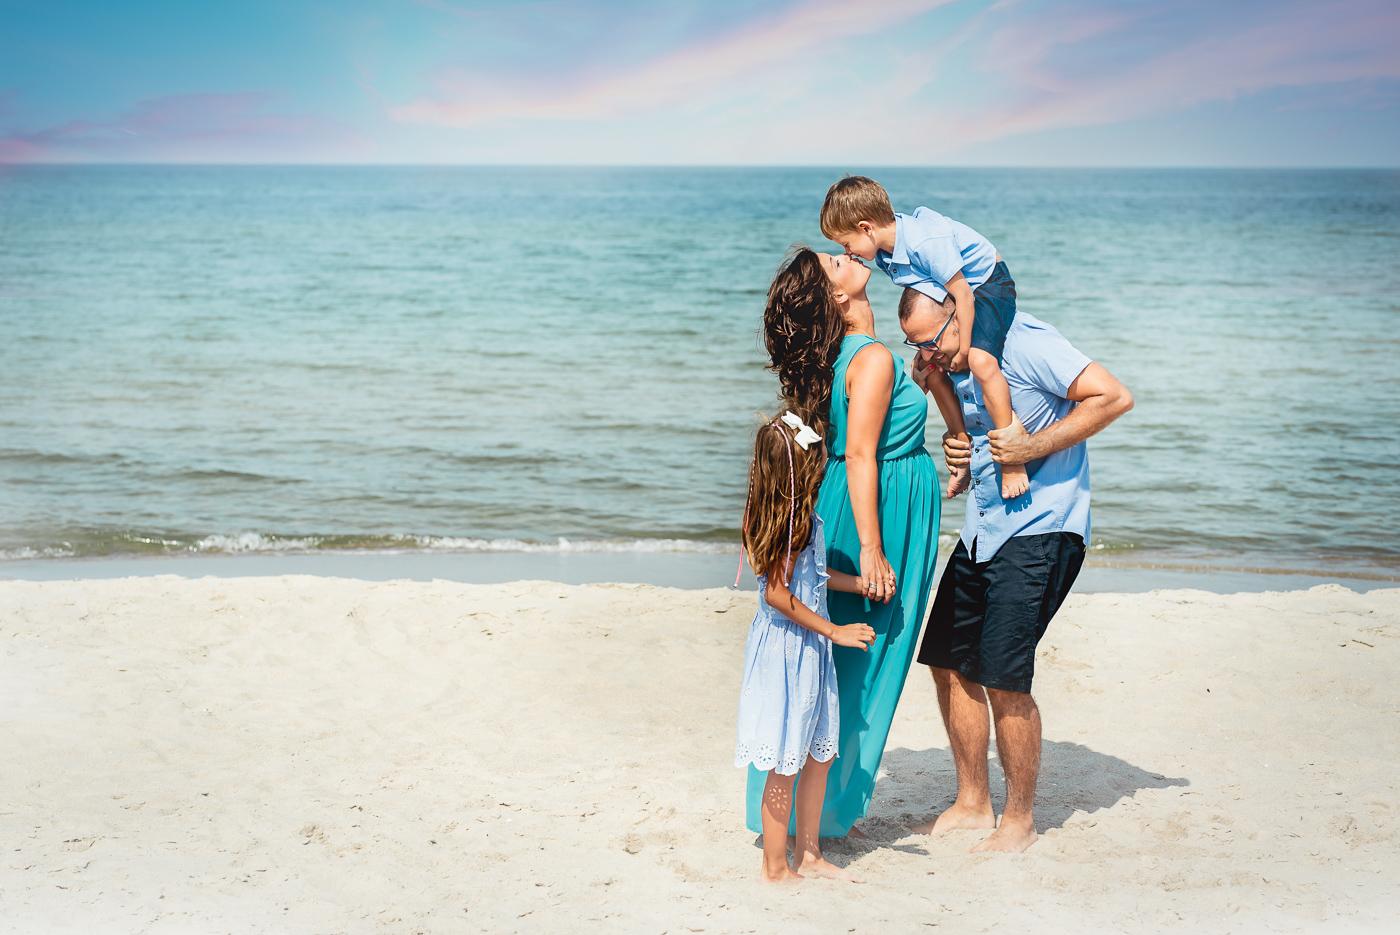 sesja fotograficzna rodzinna na plaży nad brzegiem morza_Fotografia Anita Talaśka